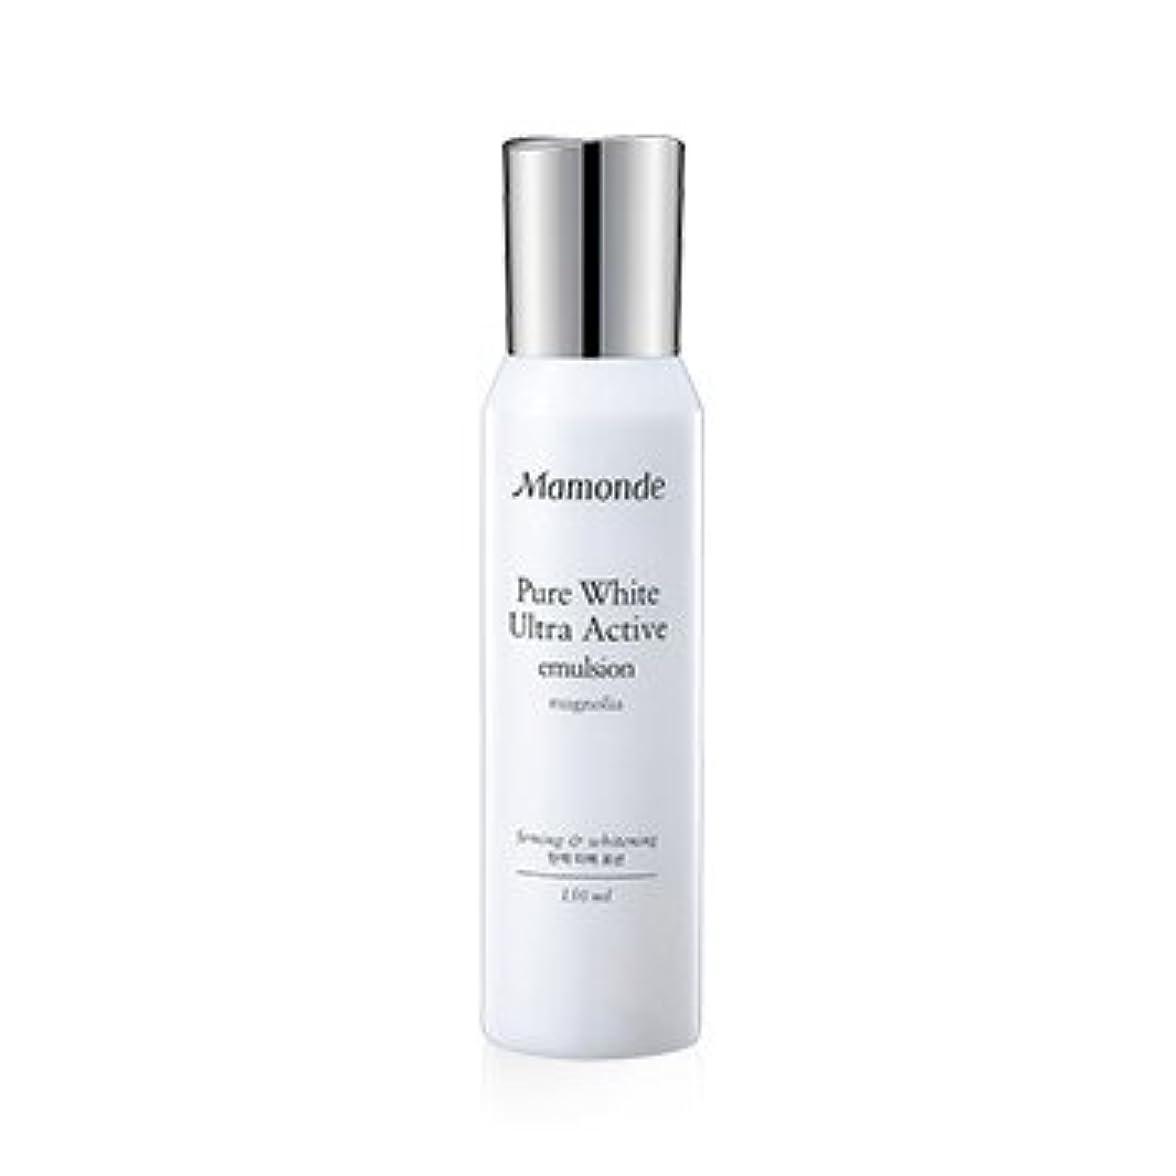 症状ピケカートMamonde Pure White Ultra Active Emulsion 150ml/マモンド ピュア ホワイト ウルトラ アクティブ エマルジョン 150ml [並行輸入品]